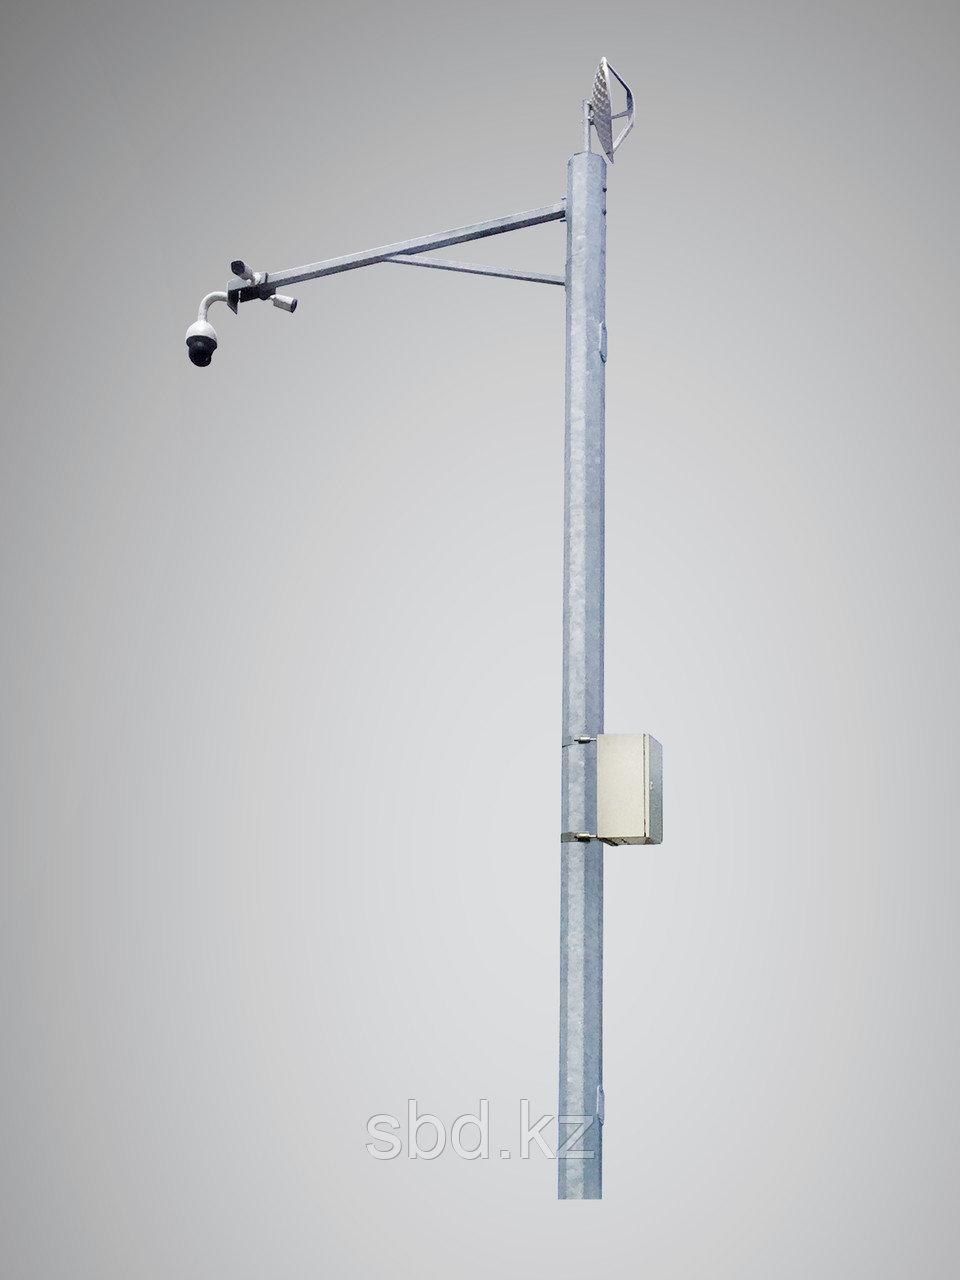 Опора для камер видеонаблюдения СГФ-9-3-208.